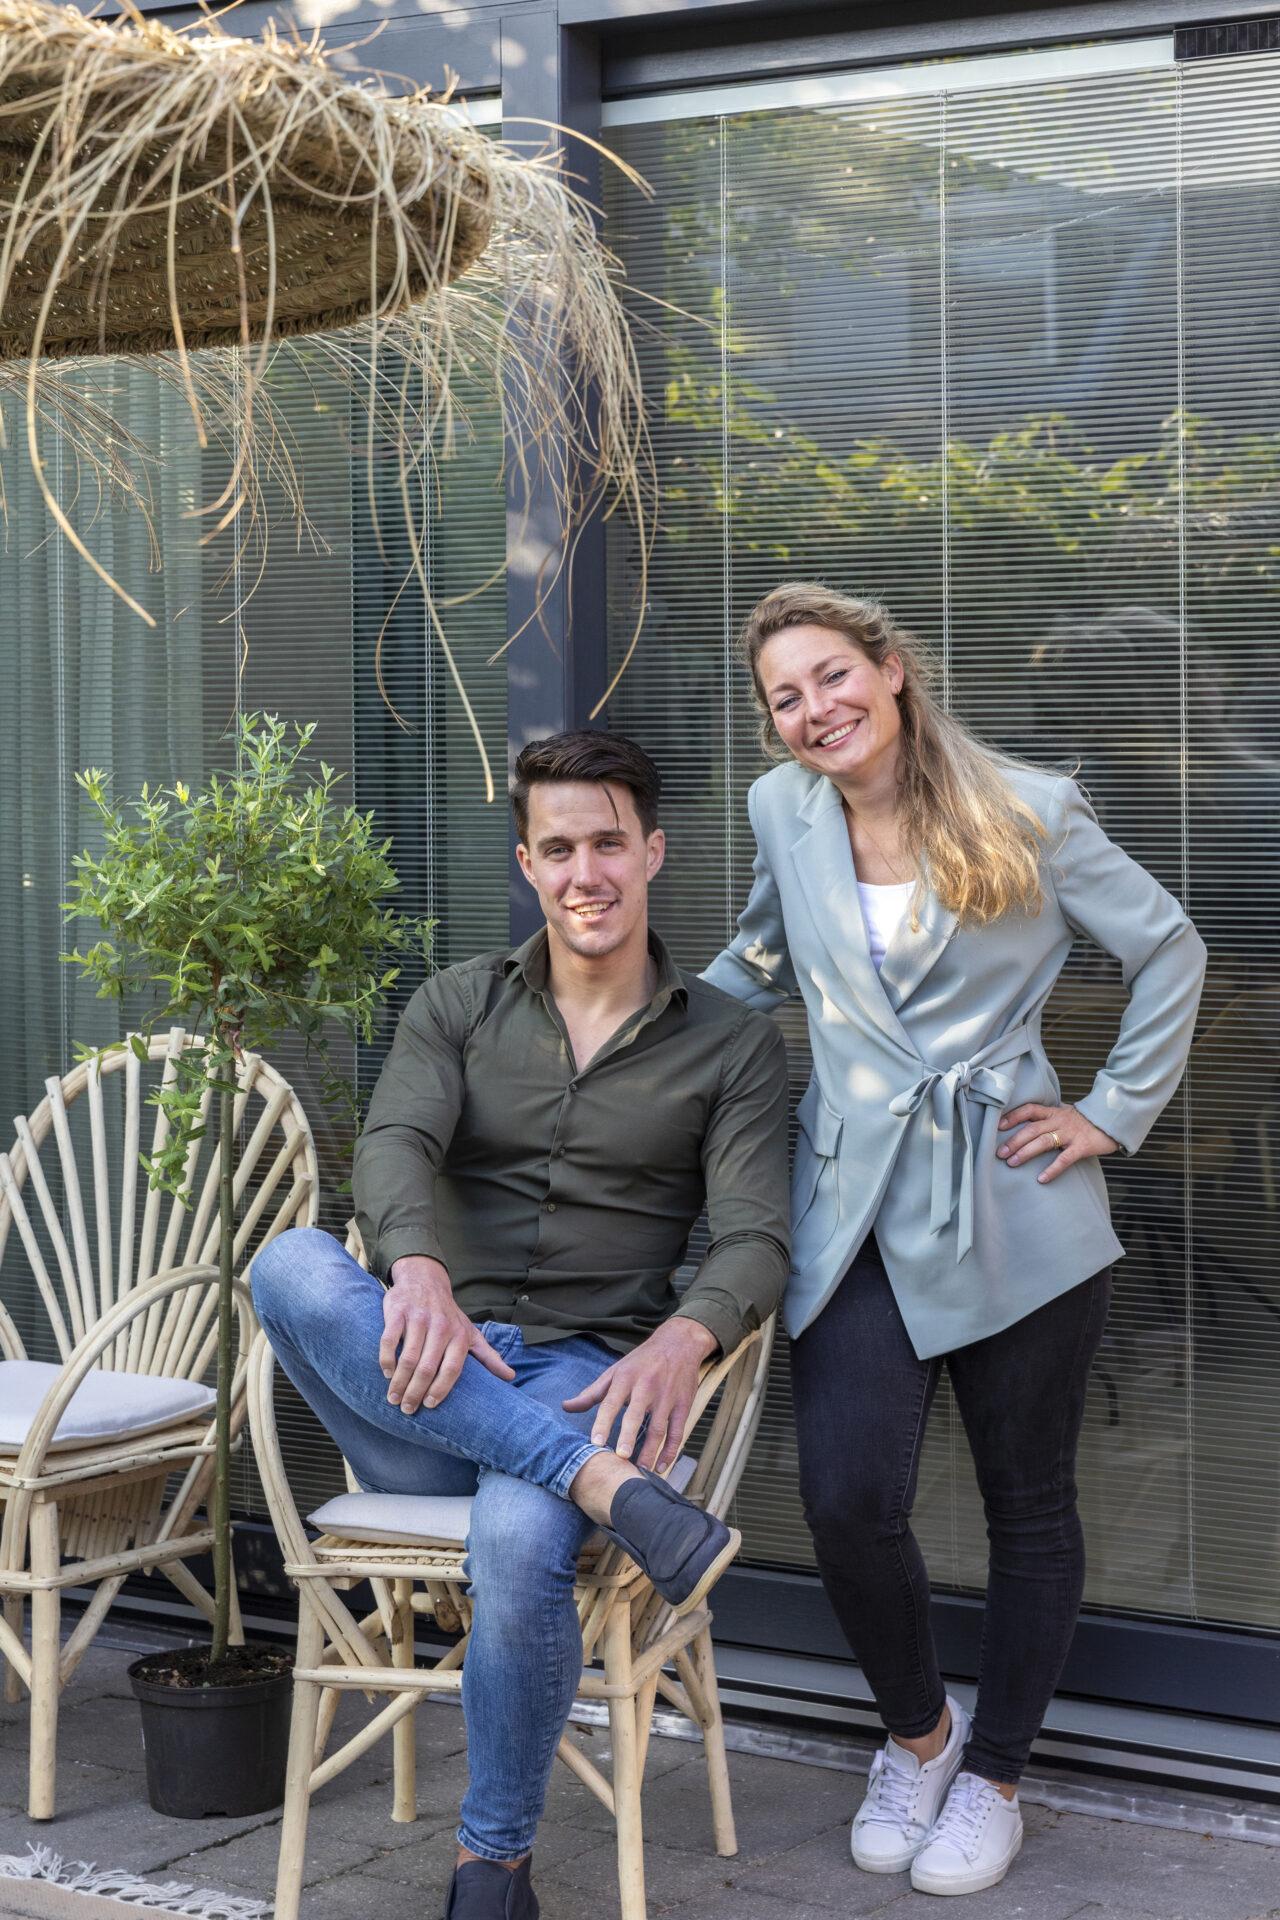 Select Windows Kozijnen - weer verliefd op je huis in Bergschenhoek - hefschuifpui met screenline - Bewoners Priscilla en Bengt